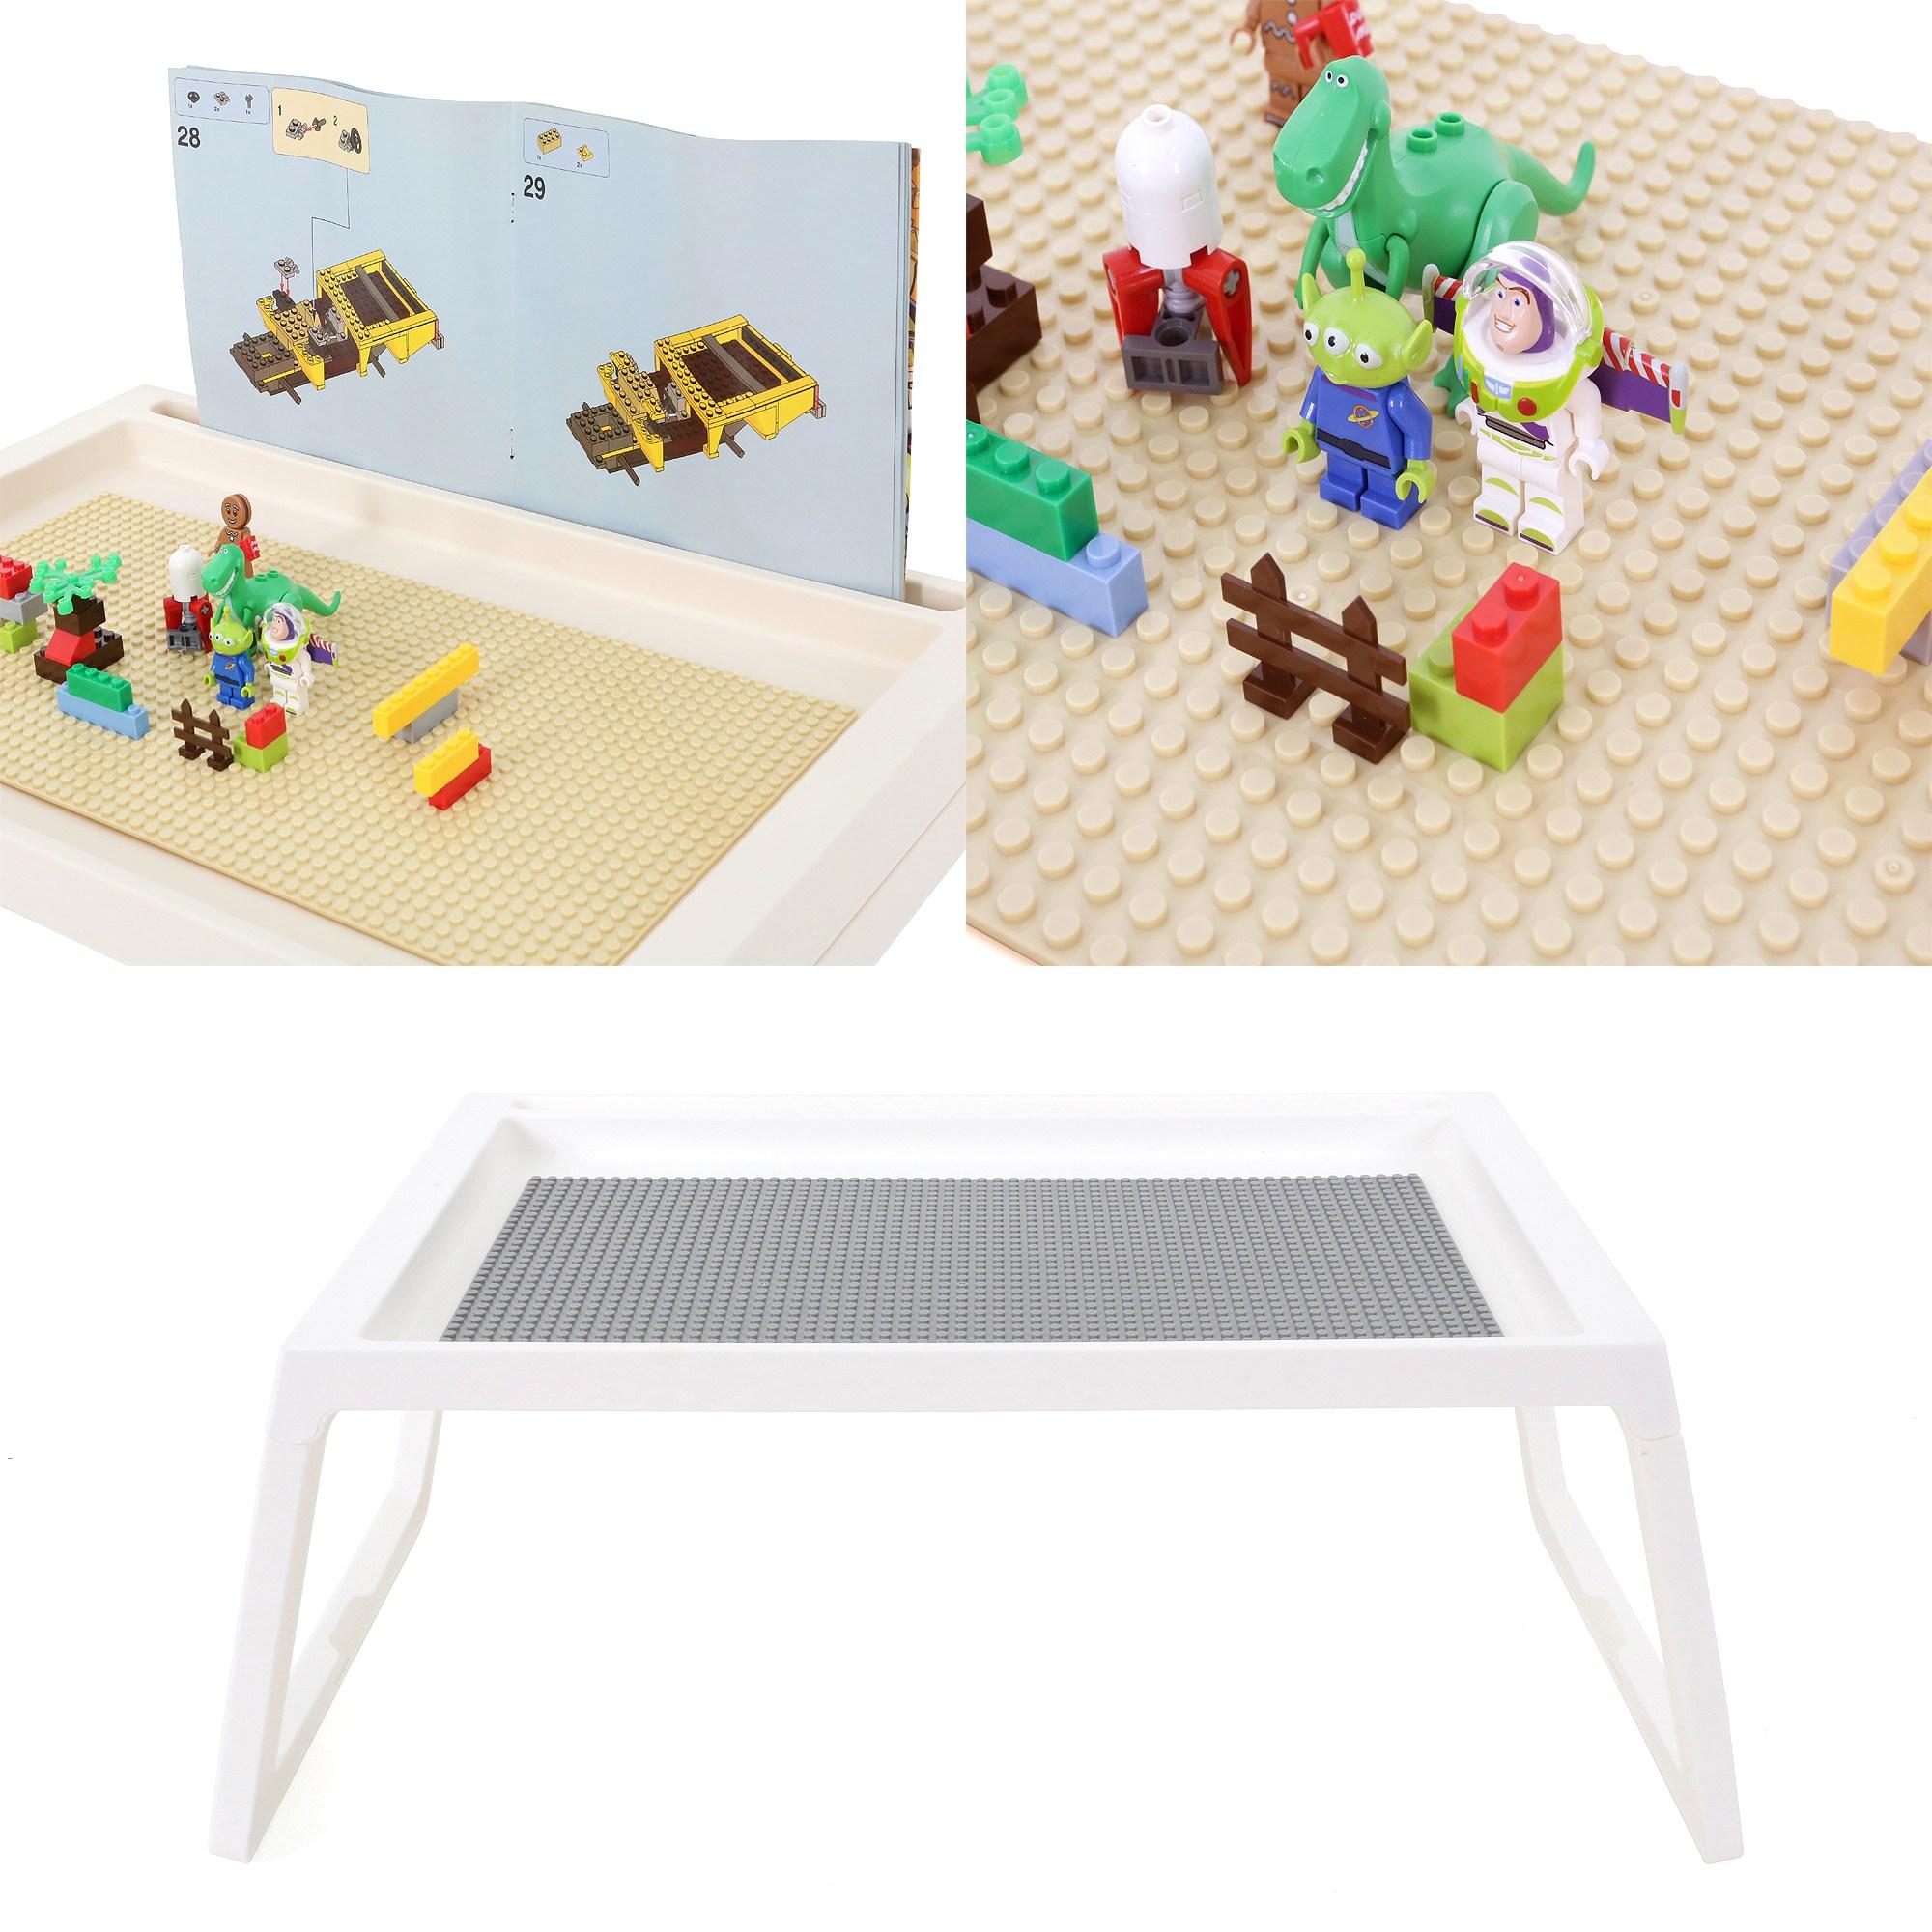 더뻔뻔 접이식 레고책상 레고놀이판포함 레고판 좌식테이블, 흰색책상(연회색레고판)